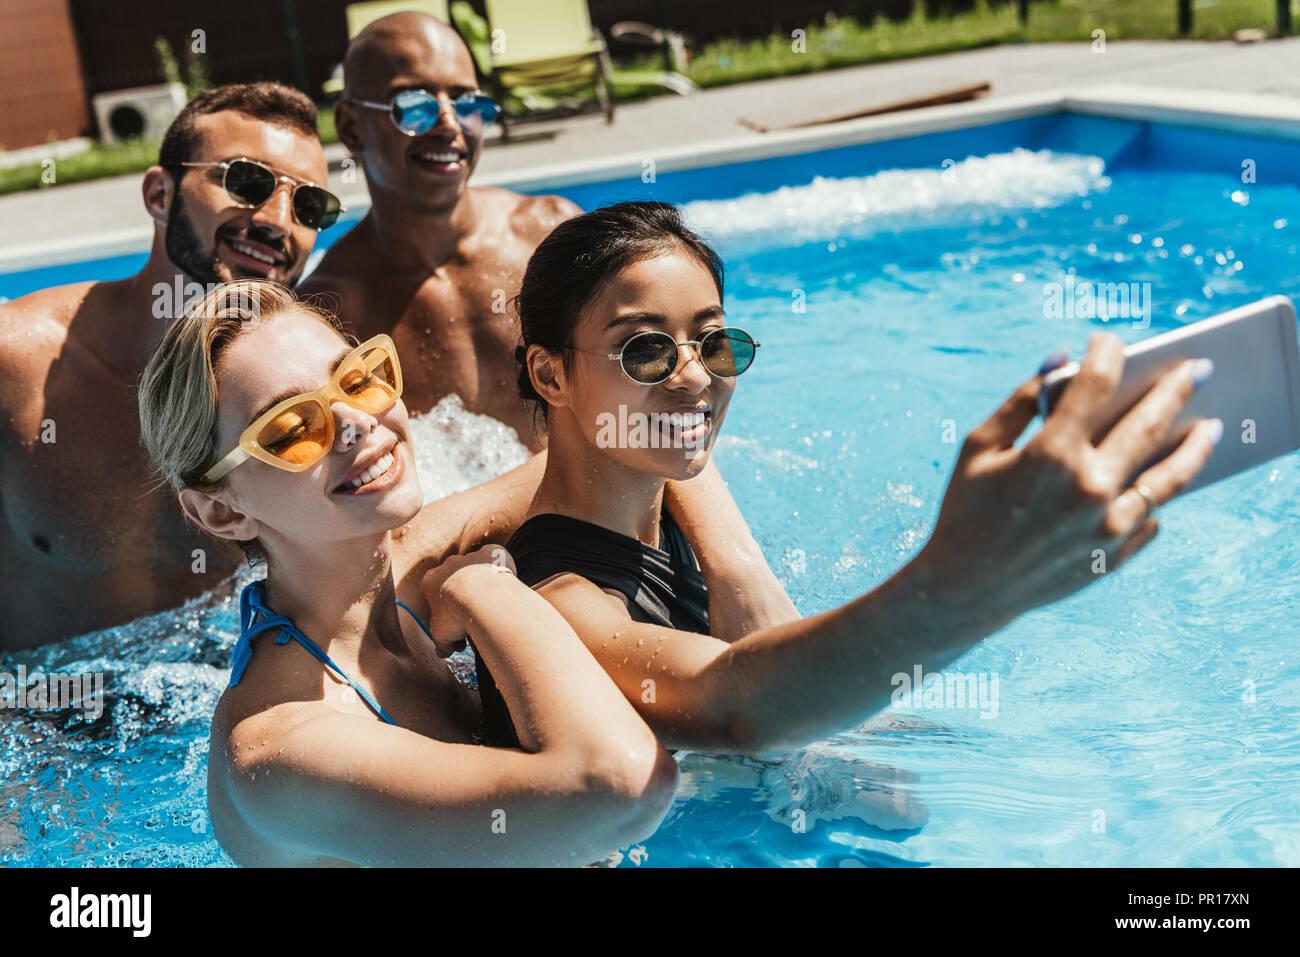 Multikulturelle Paare in Sonnenbrille unter selfie auf dem Smartphone im Pool Stockbild